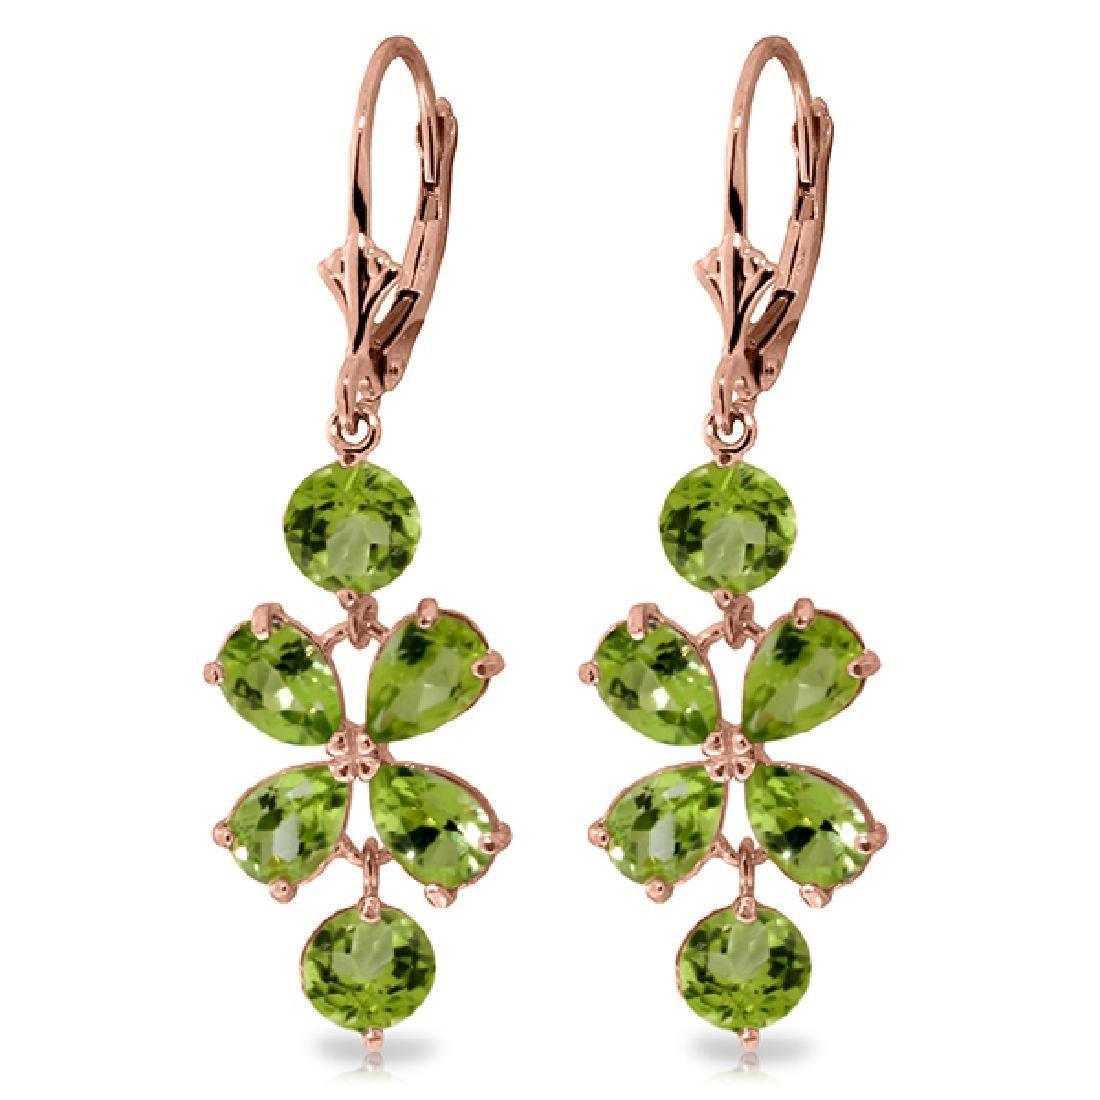 Genuine 5.32 ctw Peridot Earrings Jewelry 14KT Rose